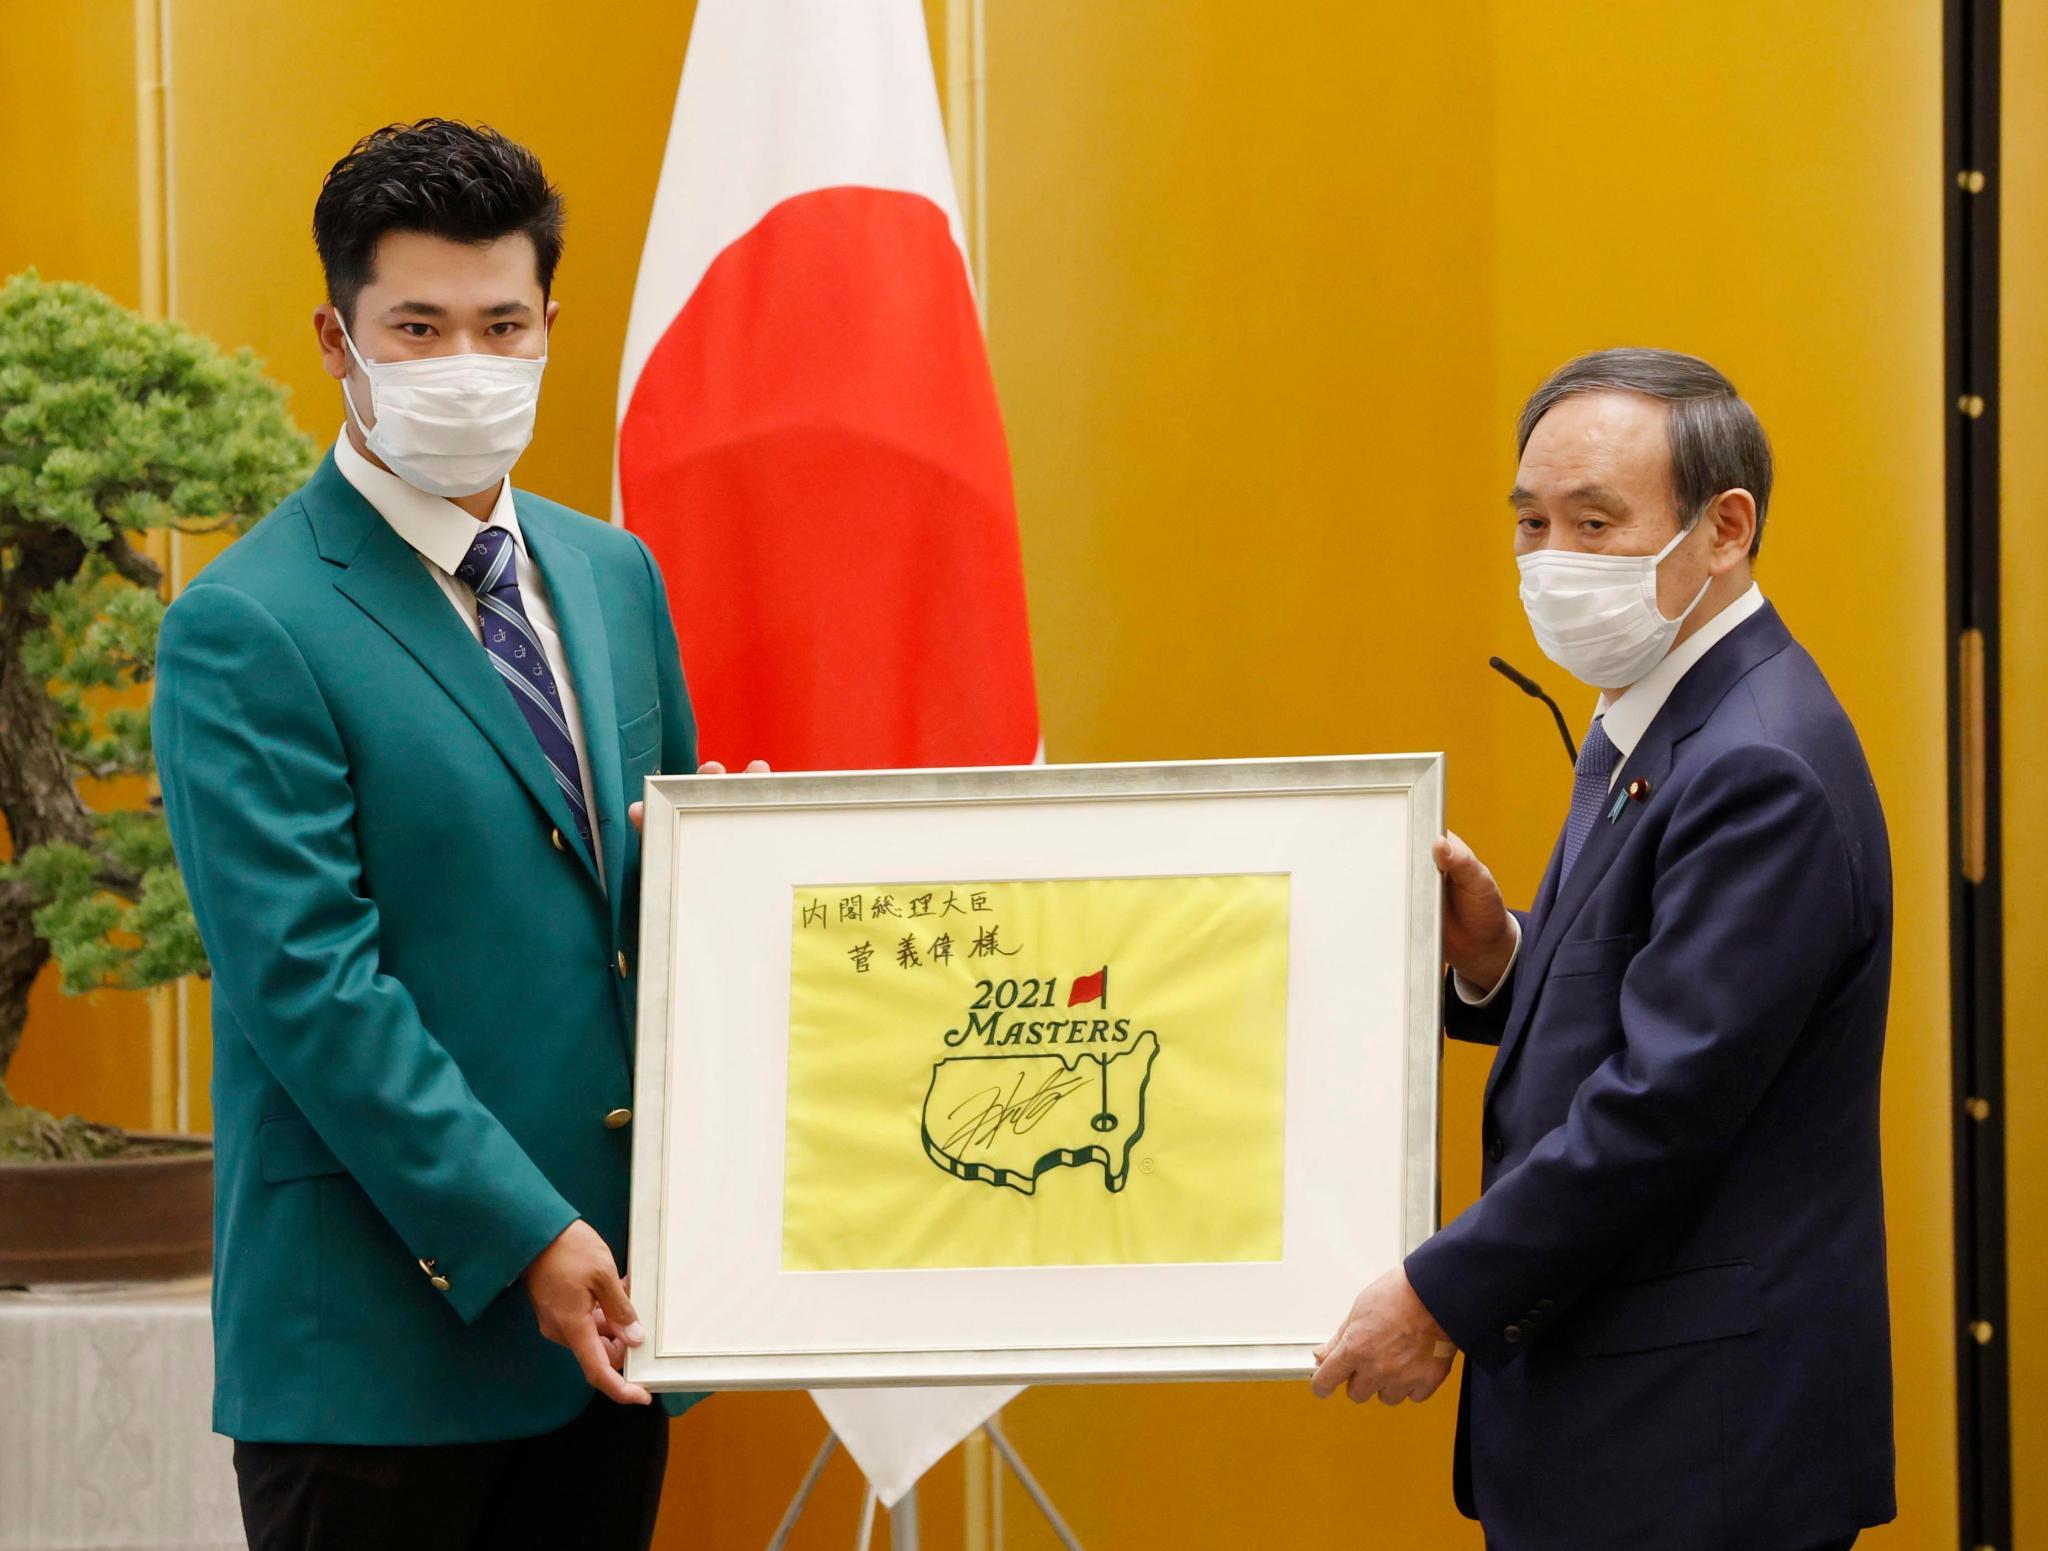 Hideki Matsuyama nhận giải thưởng Thủ tướng từ người đứng đầu chính phủ Nhật Bản - Yoshihide Suga ở Tokyo hôm 30/4. Ảnh: Kyodo News